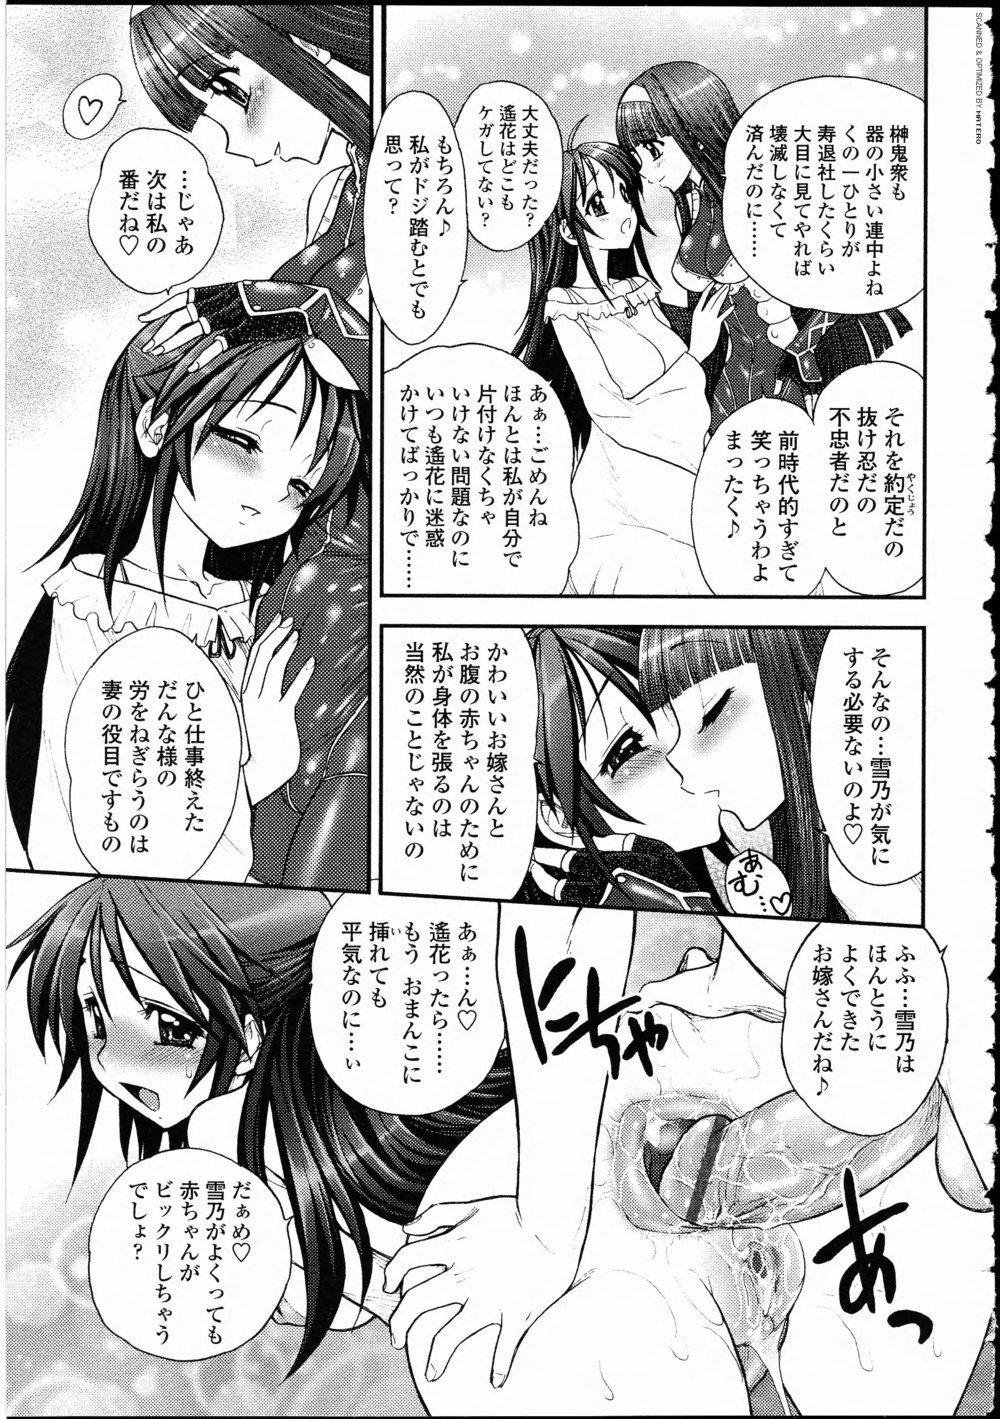 Futanarikko LOVE 10 88